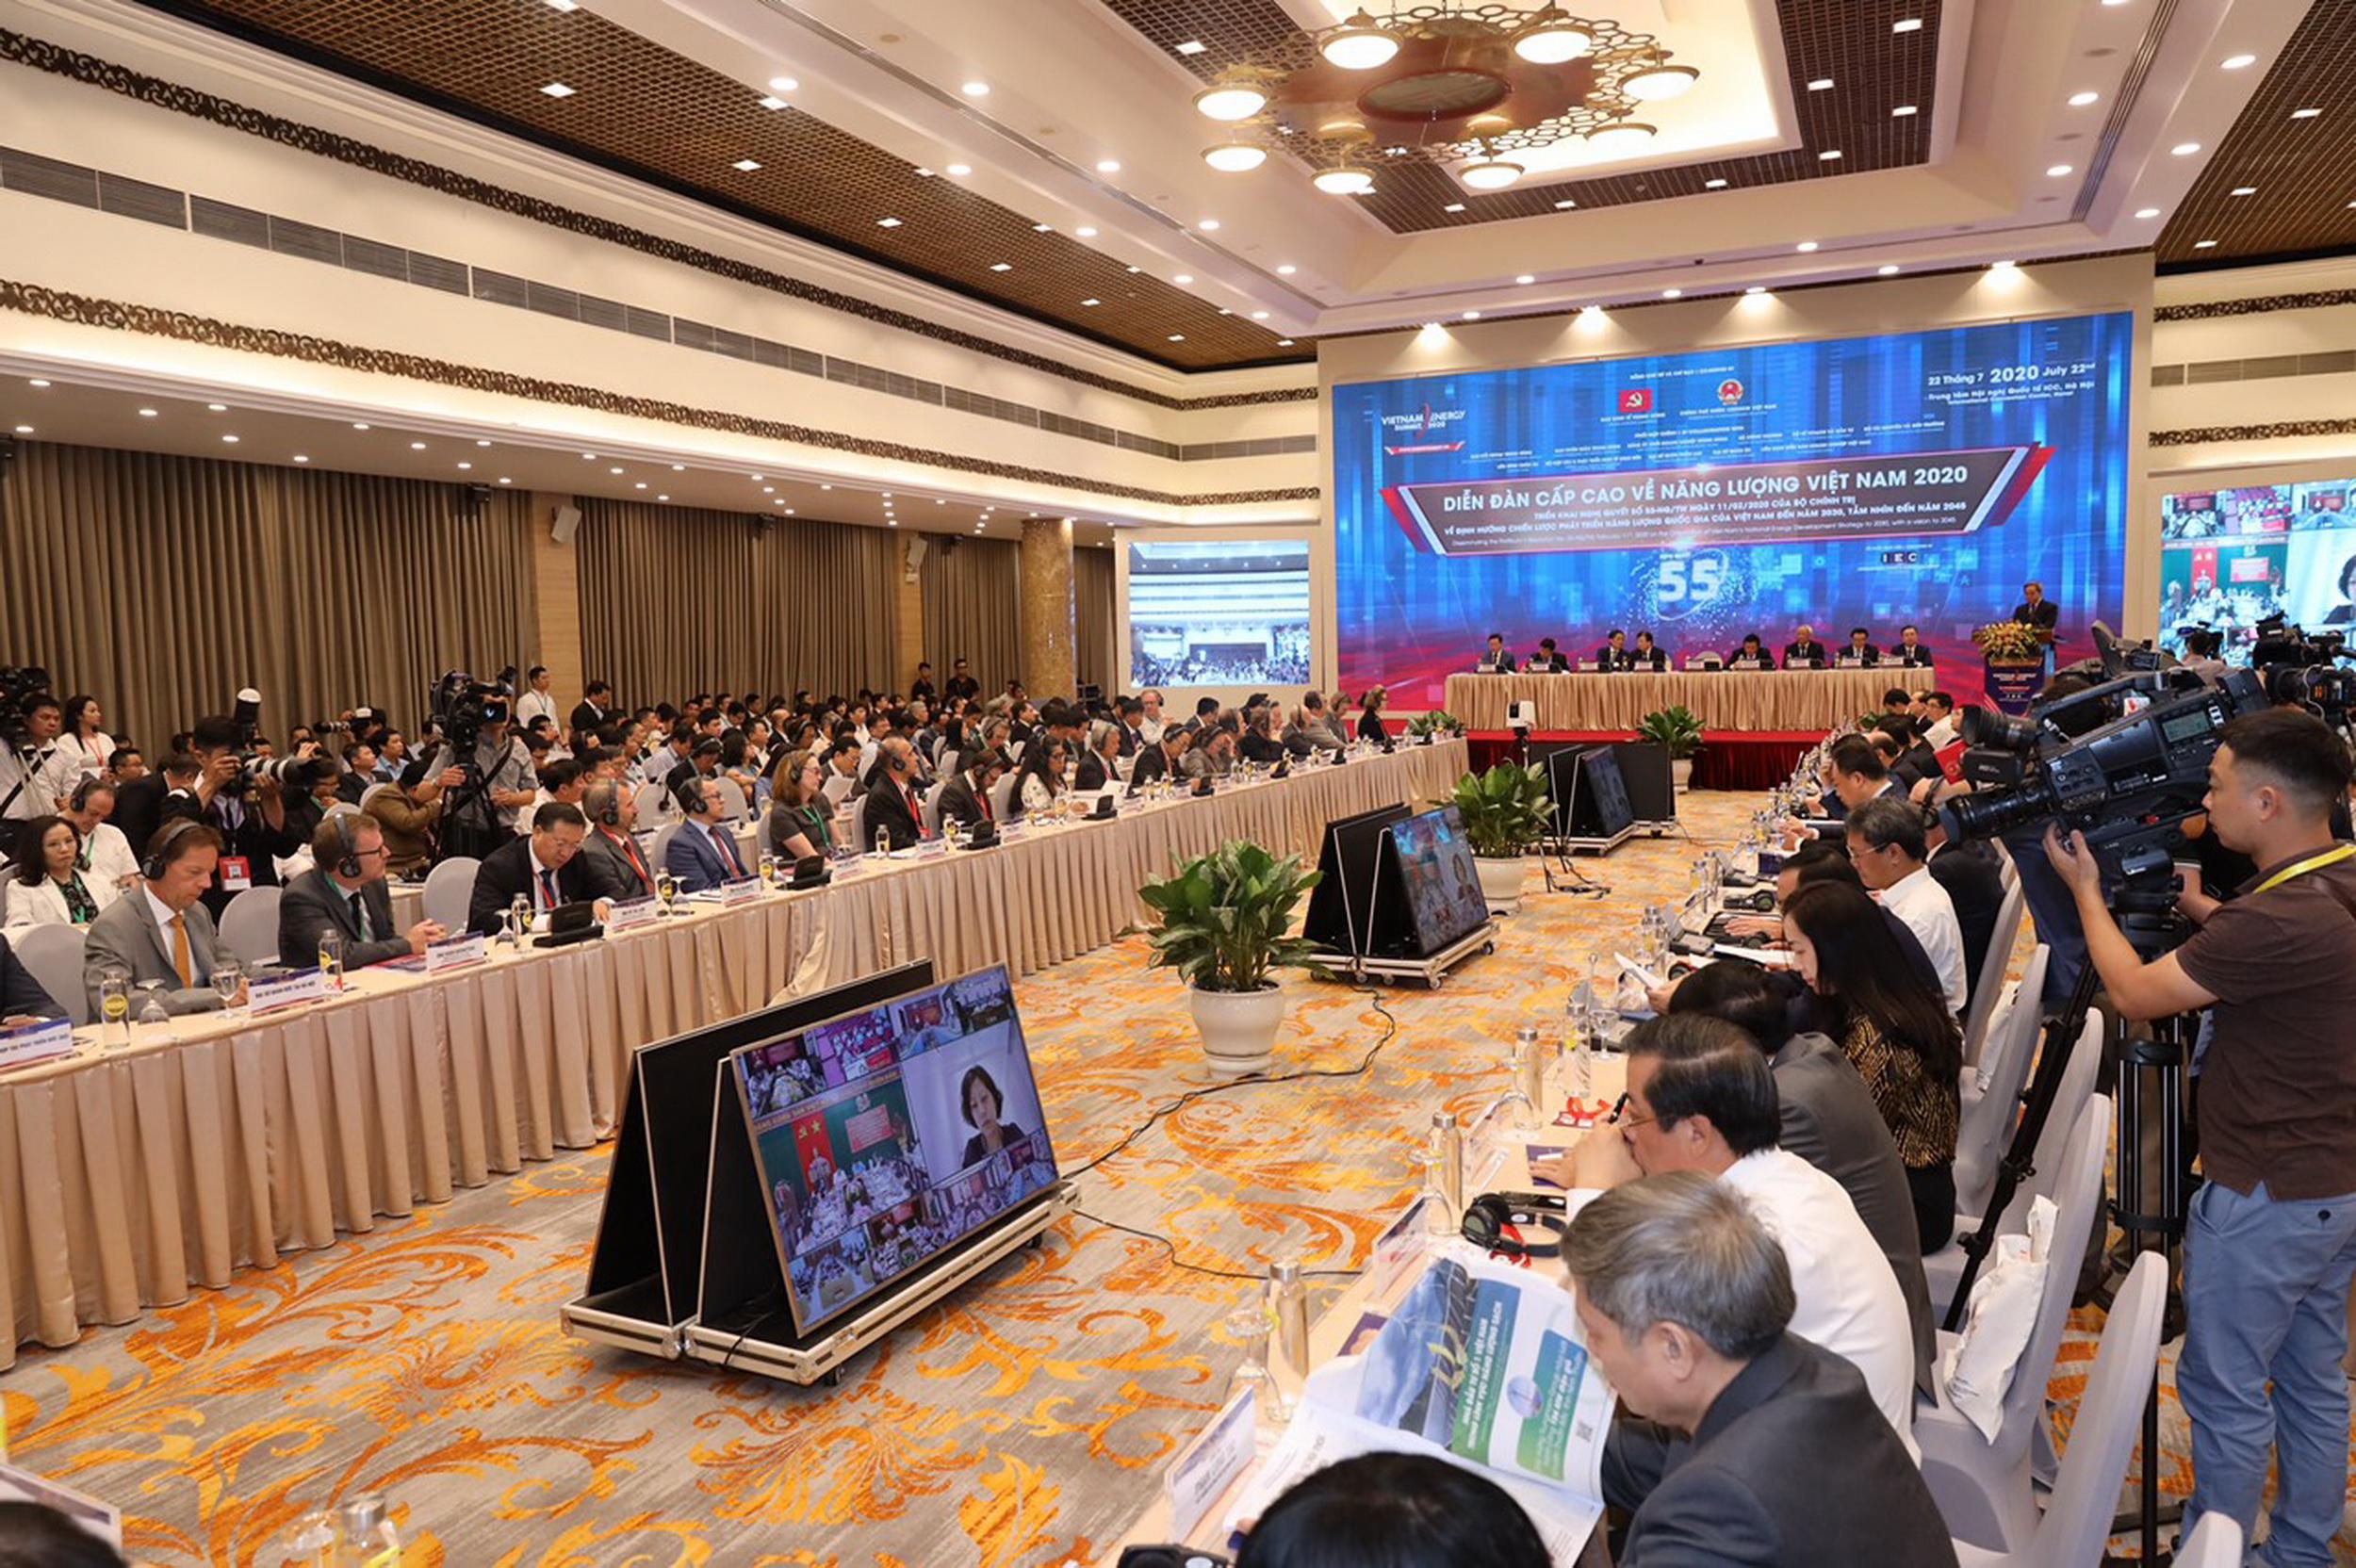 Quang cảnh phiên Tổng thể của Diễn đàn Cấp cao về Năng lượng Việt Nam năm 2020